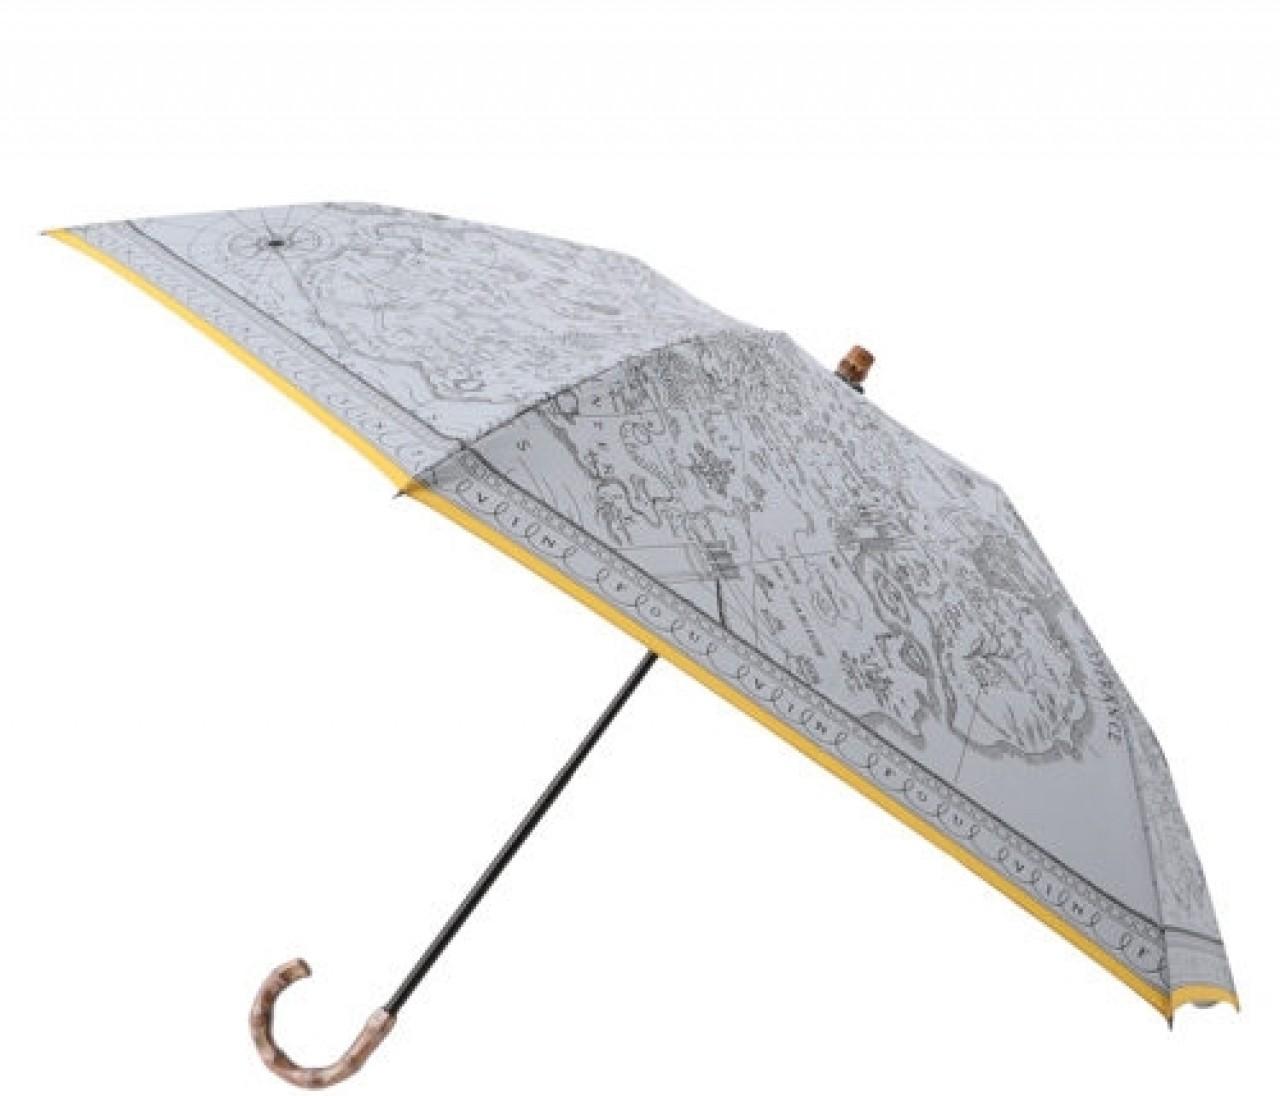 【おすすめ日傘】今すぐ持ちたい!デザインも機能も超優秀!大人に似合う日傘まとめ